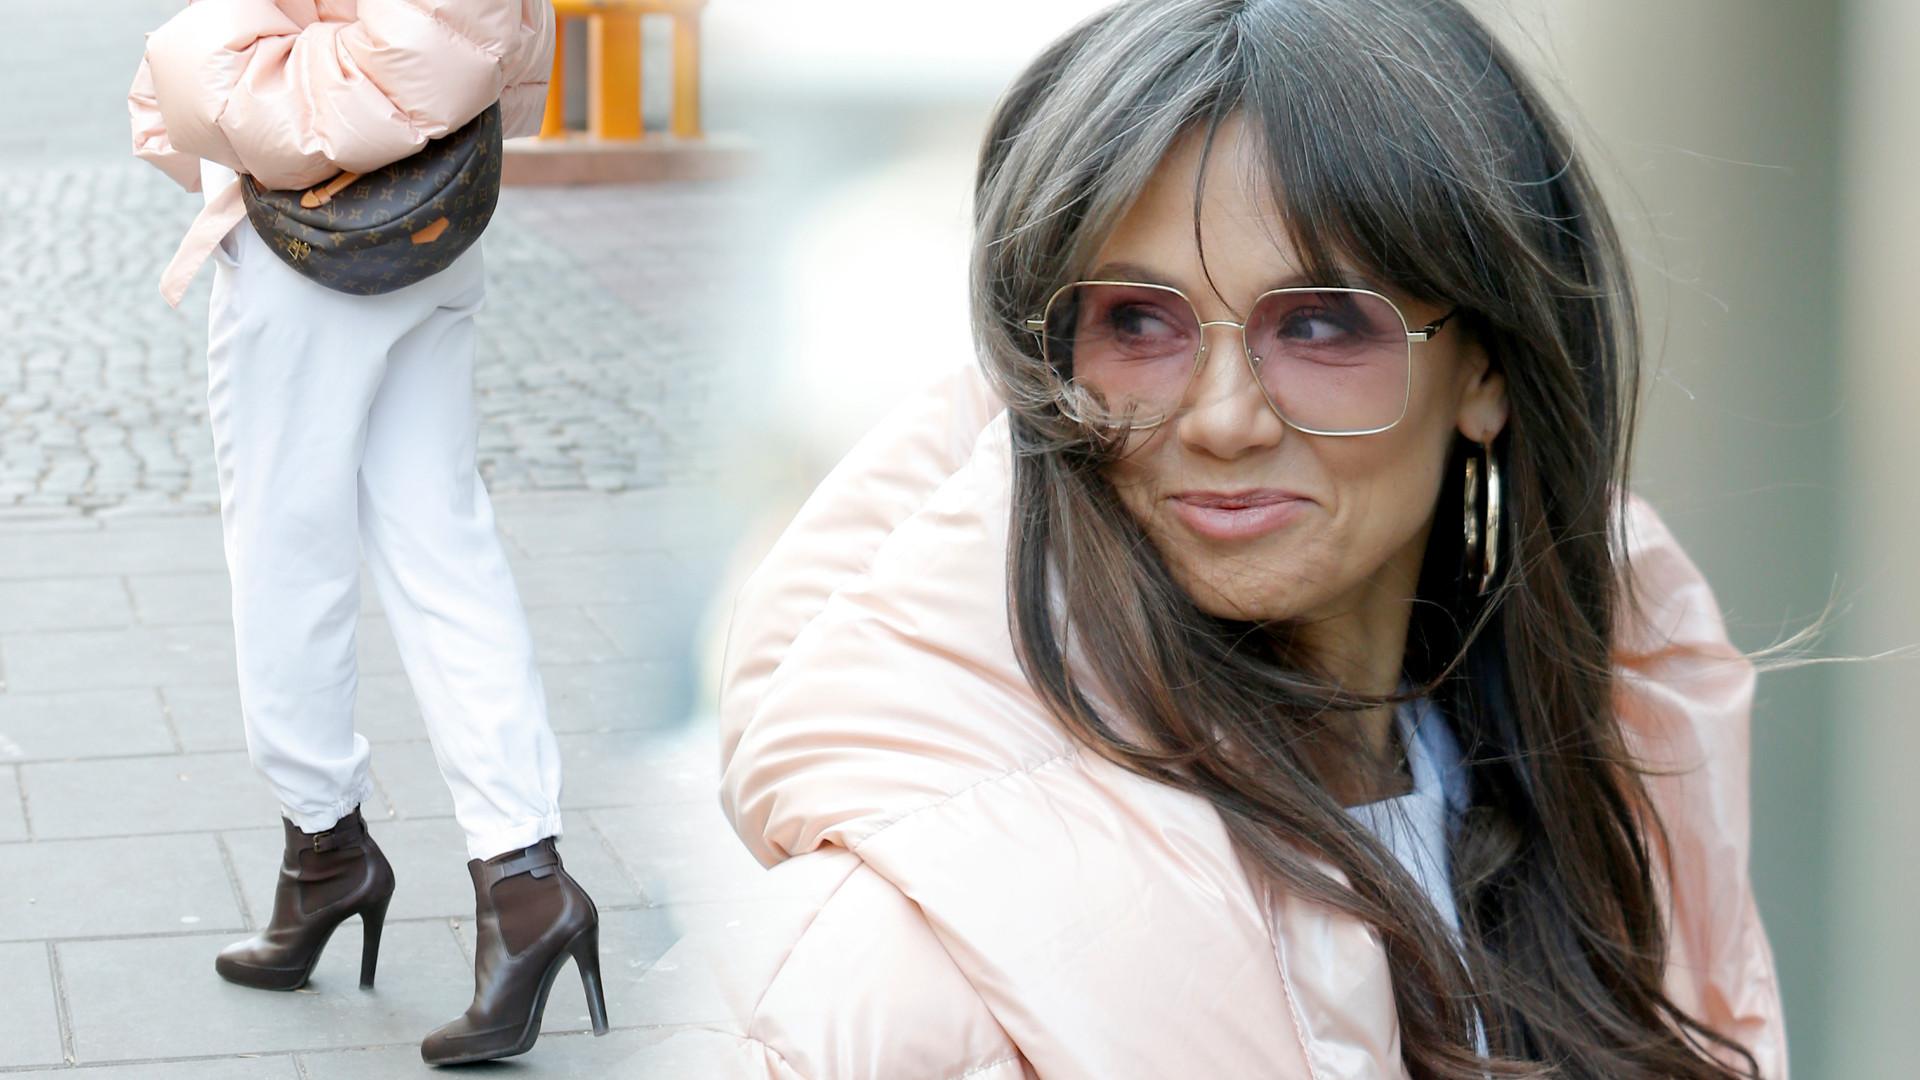 Gdyby Kinga Rusin zaczynała dziś karierę, śmiało mogłaby zostać modową influencerką (ZDJĘCIA)